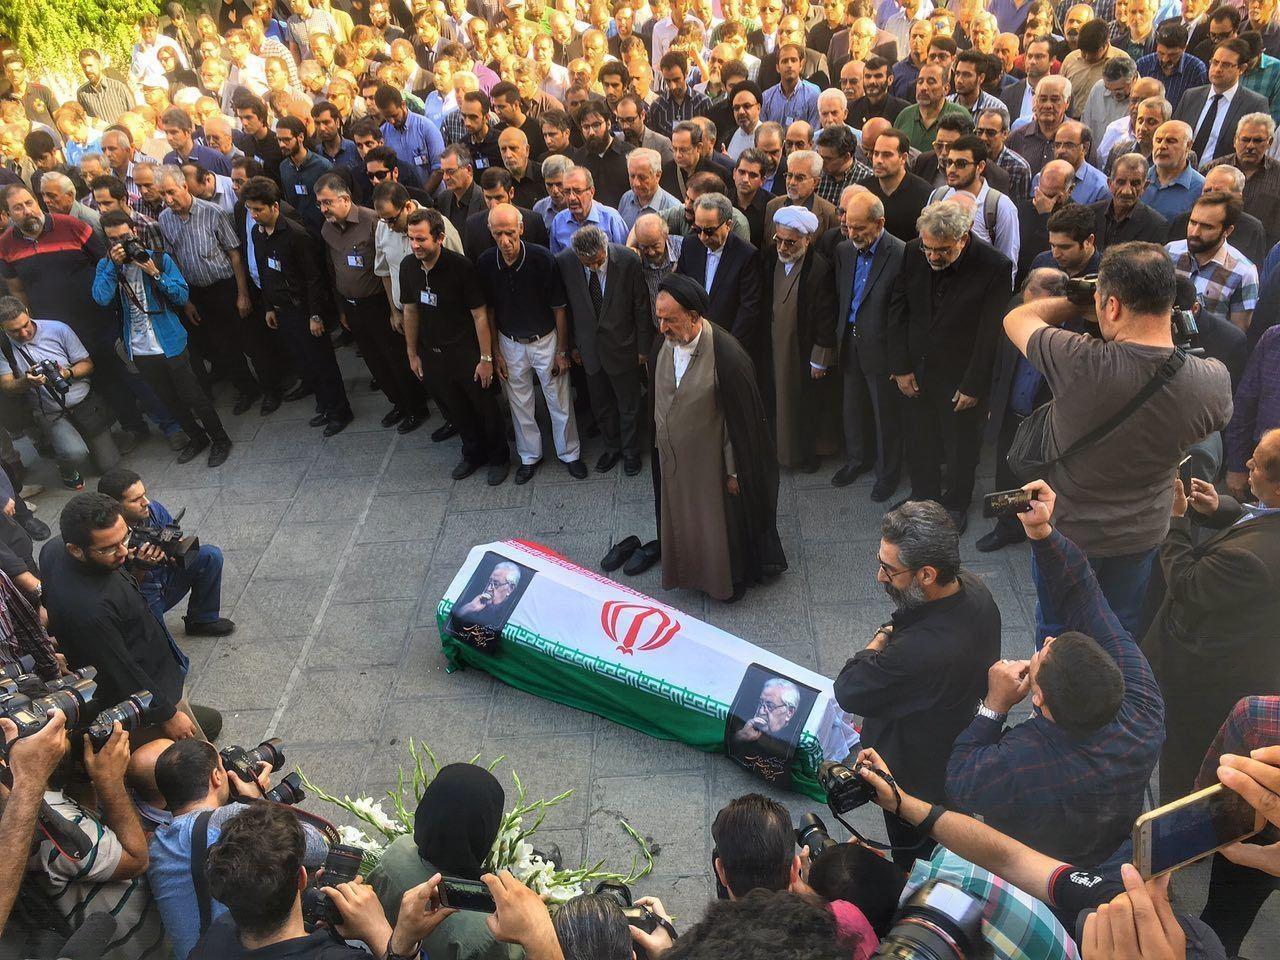 وداع با ابراهیم یزدی/ دعایی بر پیکر سیاستمدار کلاسیک نماز خواند